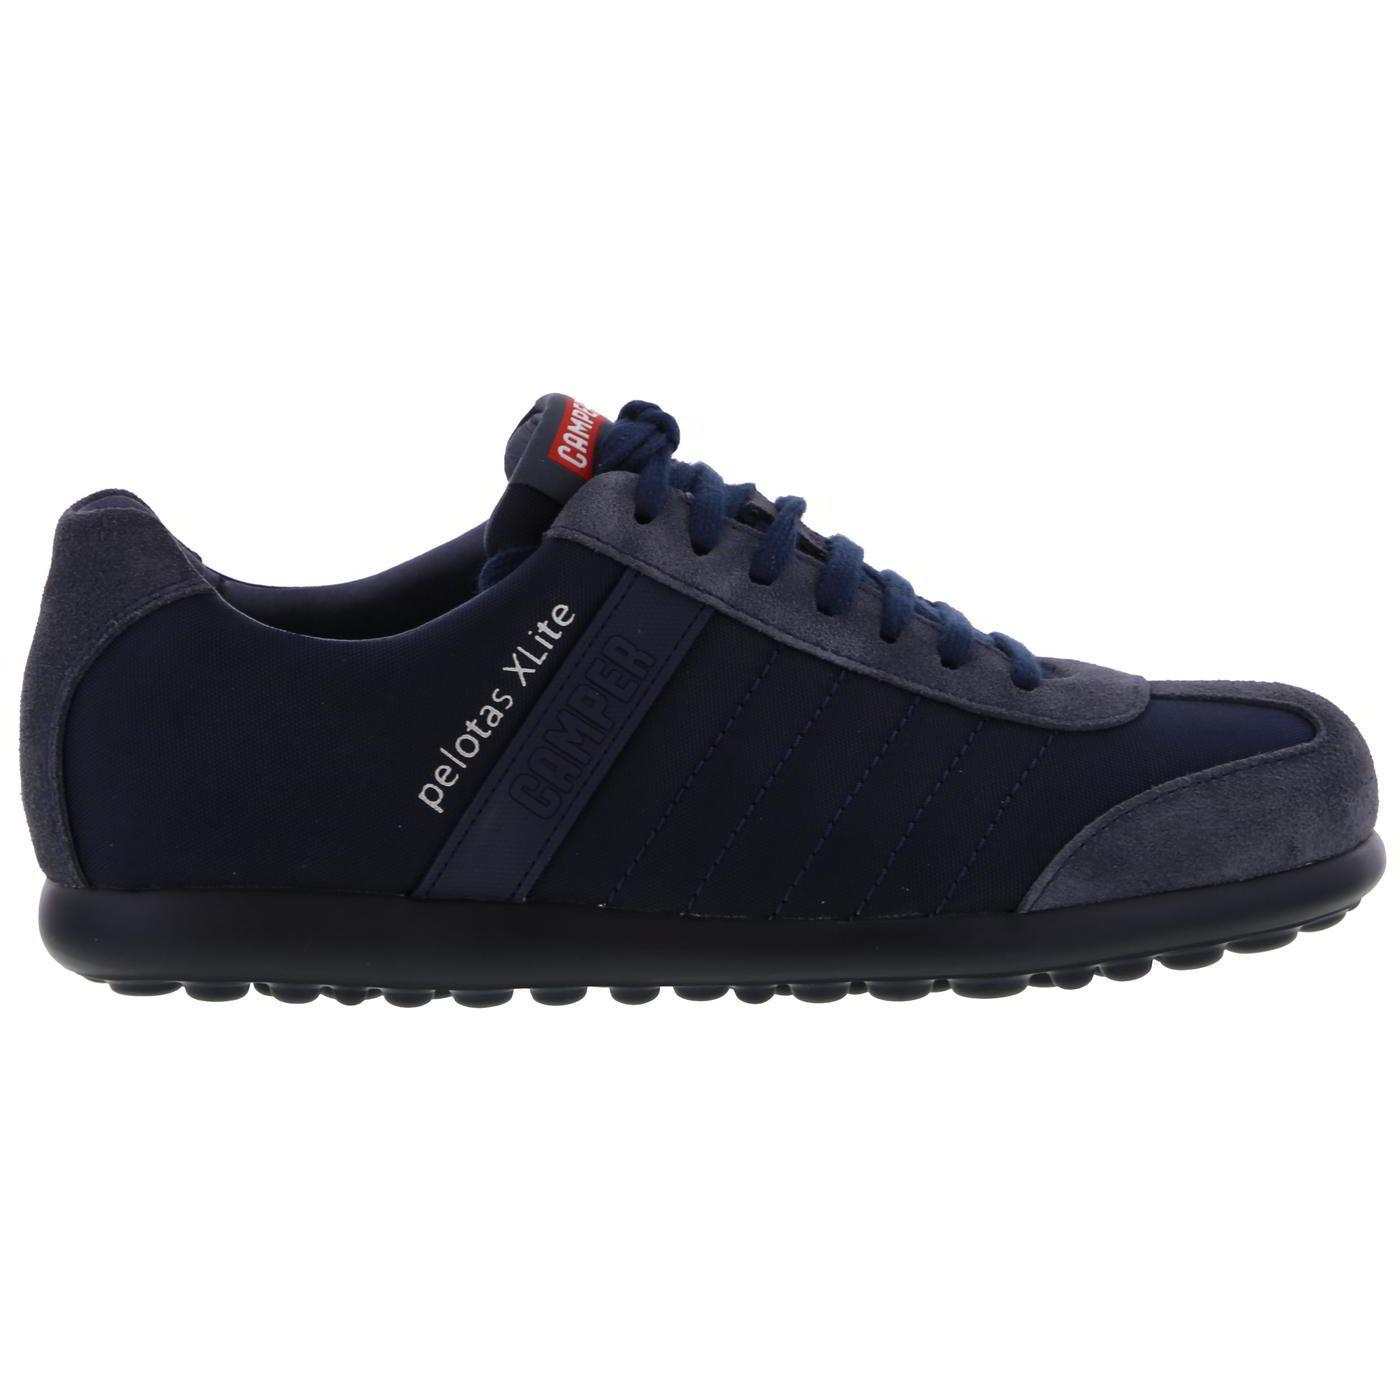 Camper Mens 18302 Pelotas Xlite Shoes - Navy